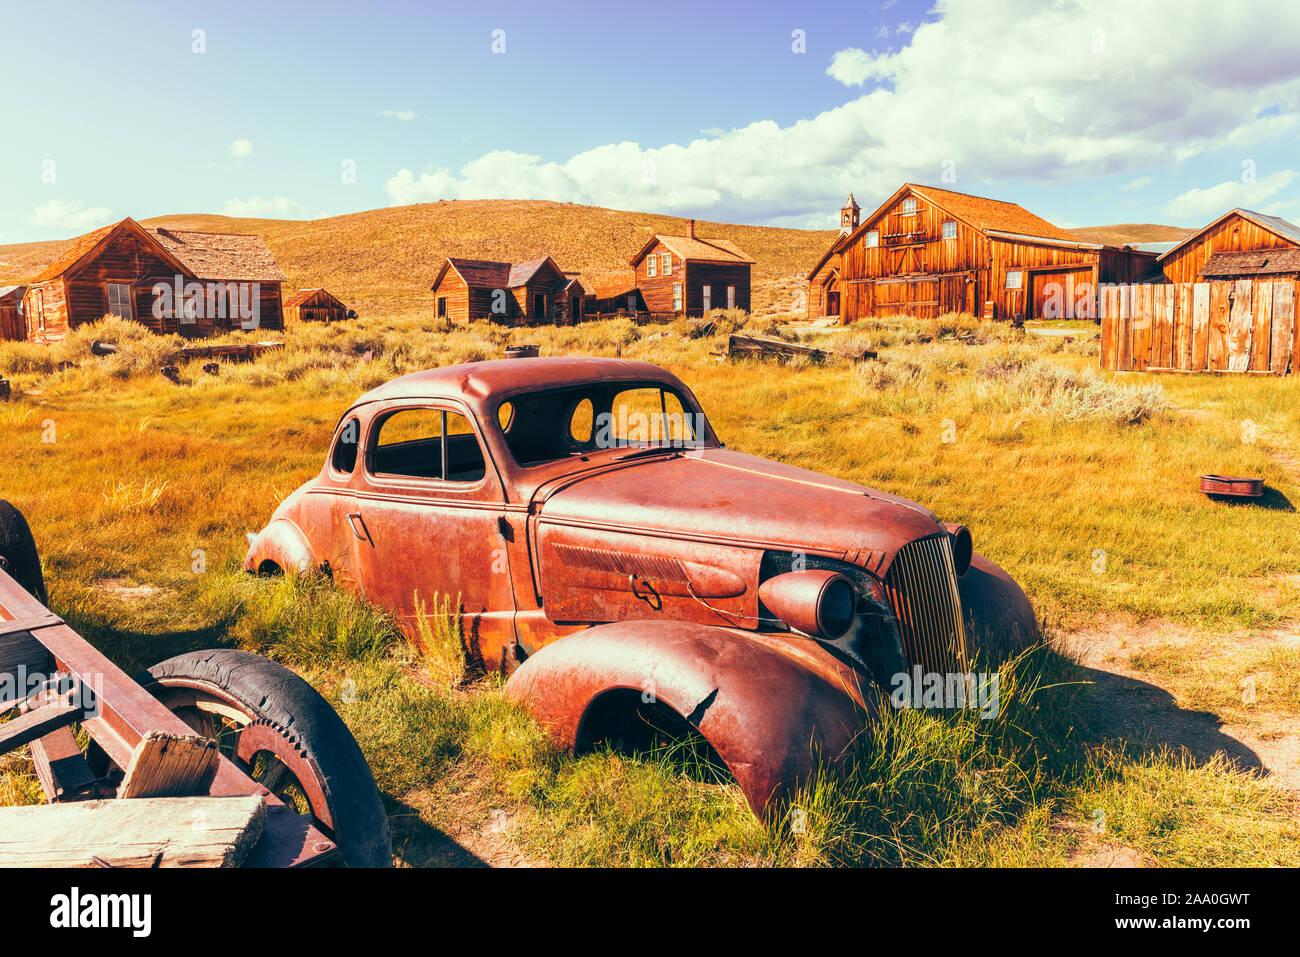 Vieille voiture rouillée dans la ville fantôme de Bodie California USA Banque D'Images